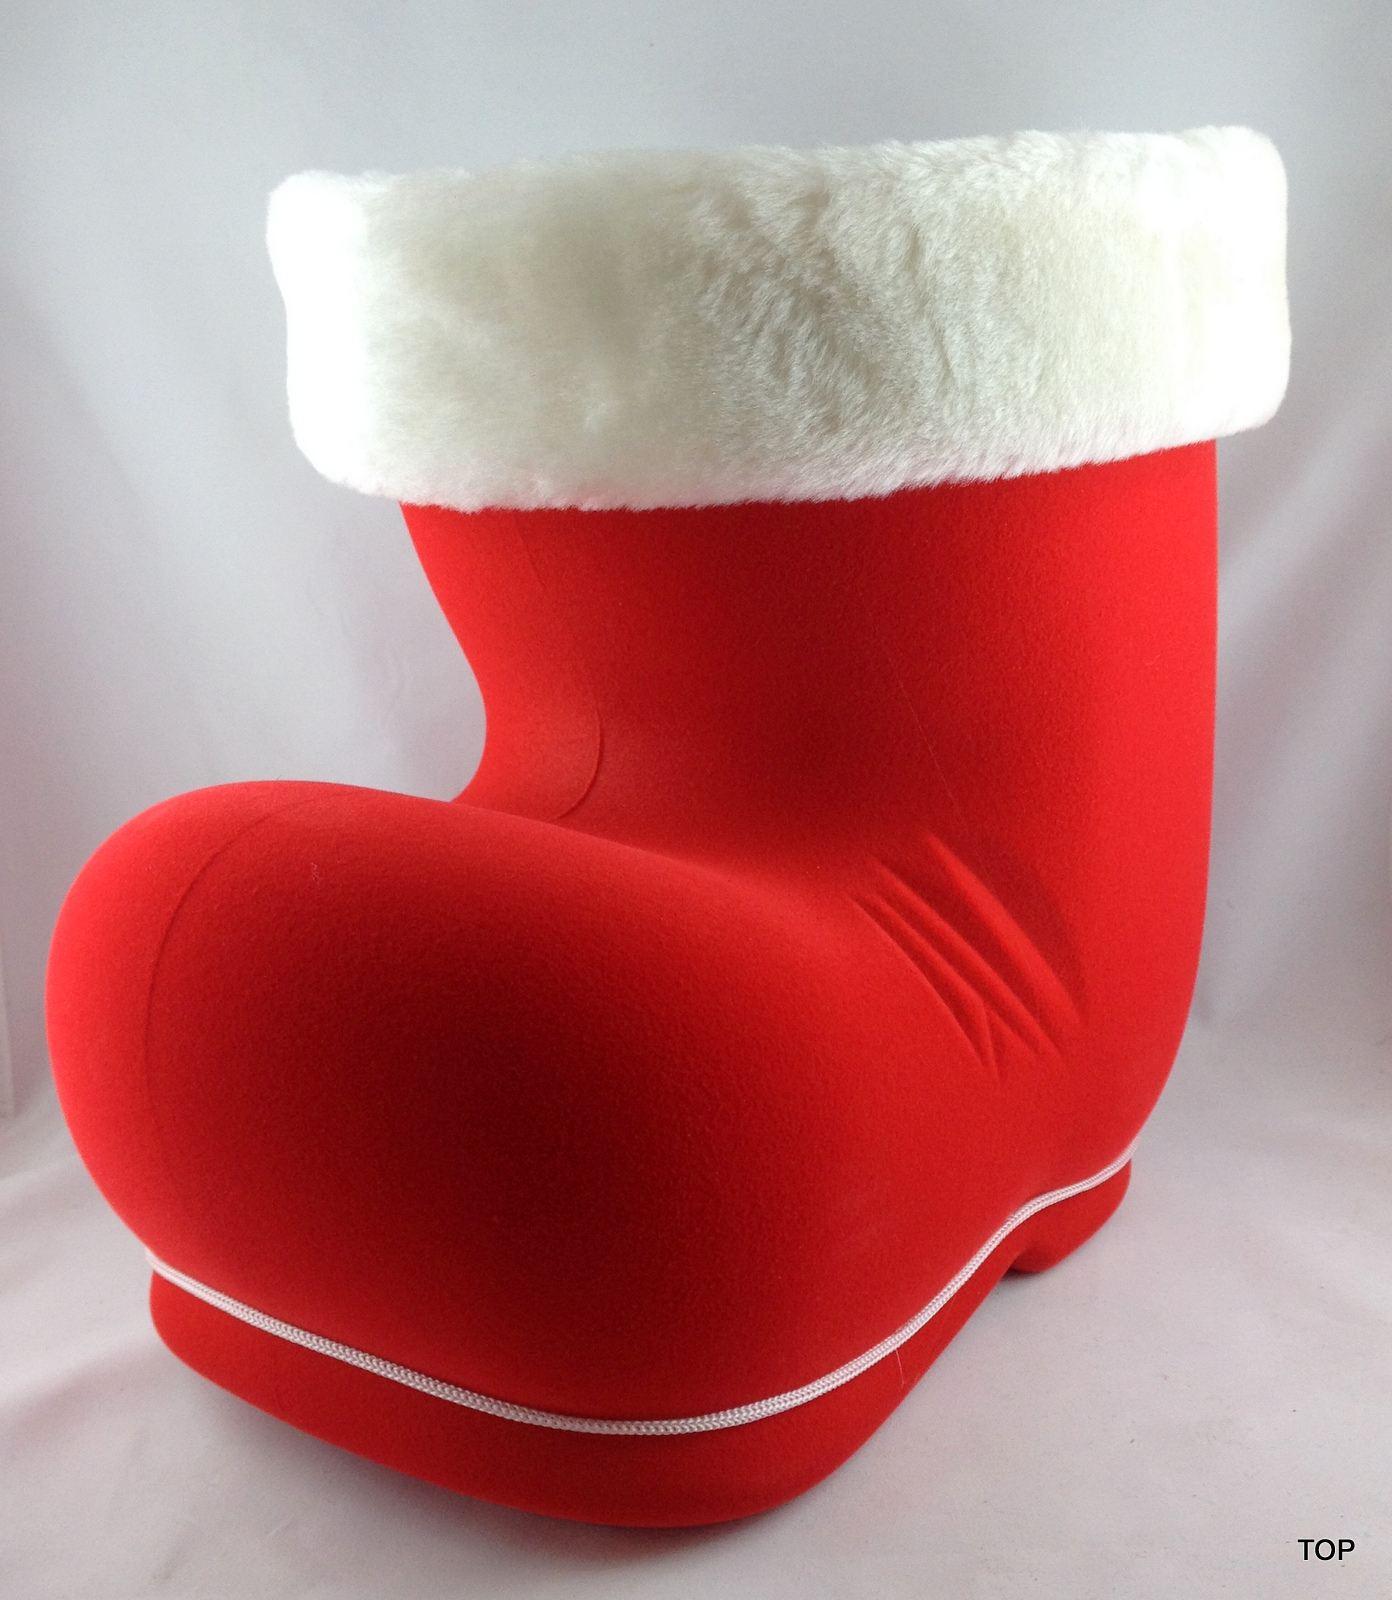 nikolausstiefel xxl rot mit samt wei er pl schfellrand zu weihnachten ca 24 cm hoch sehr gro. Black Bedroom Furniture Sets. Home Design Ideas